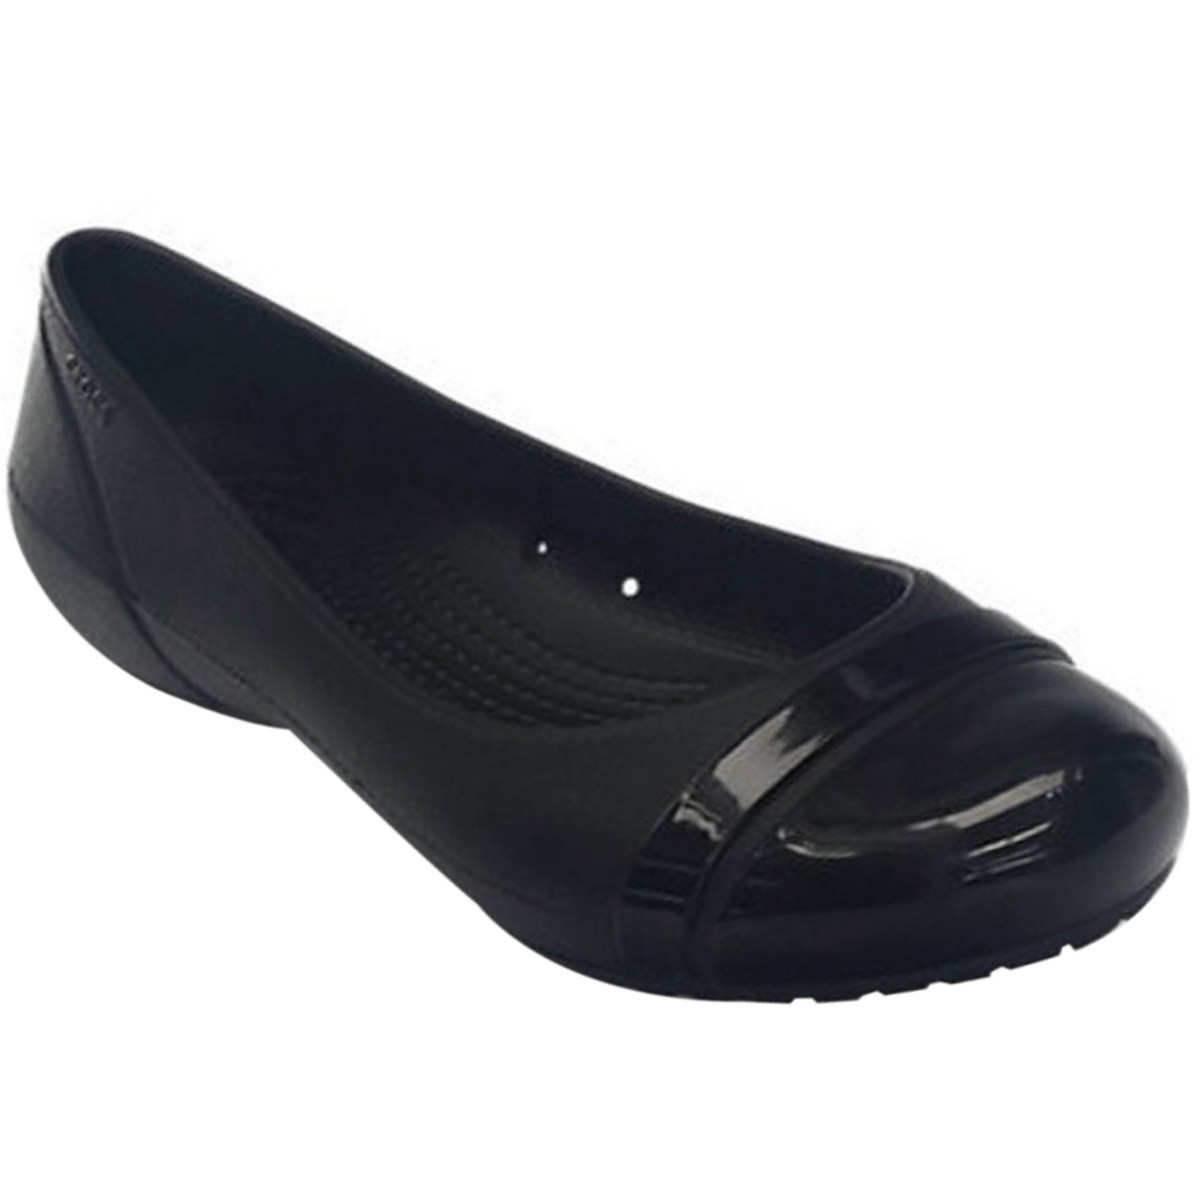 69300bdb5 Sapatilha Crocs Cap Toe Flat 12300 Preto